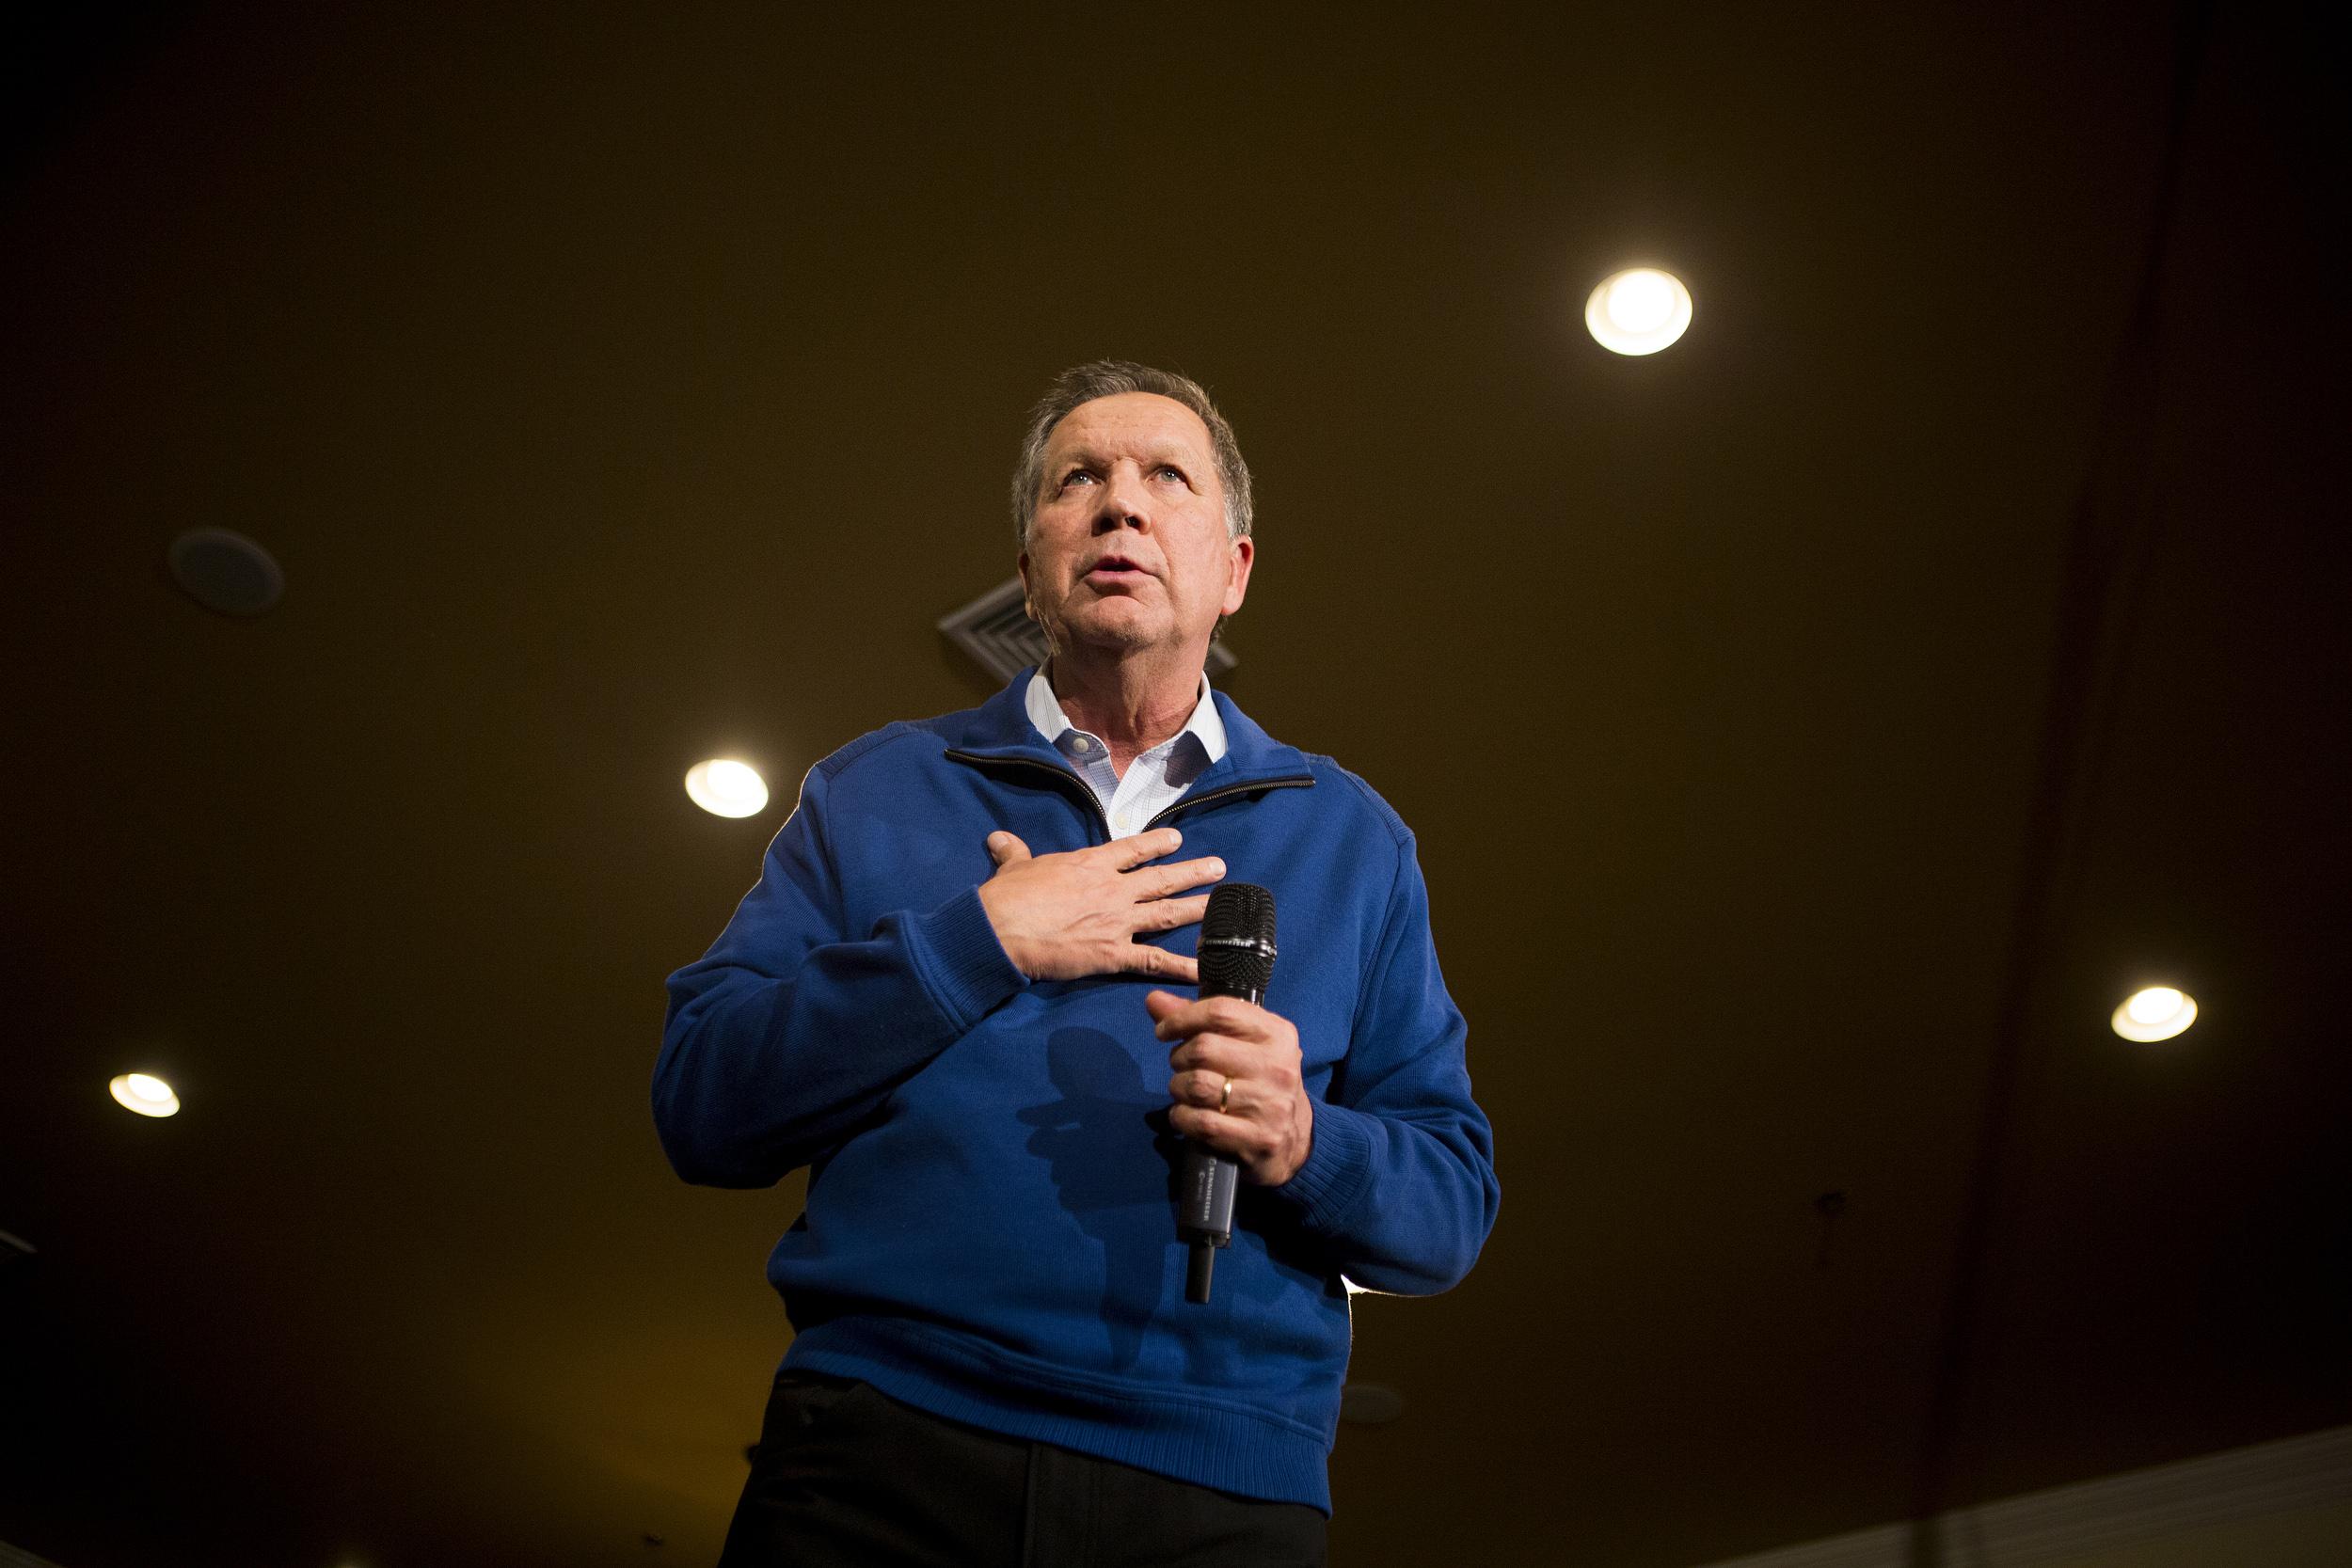 Ohio Gov. John Kasich backing Cincinnati for Big 12 bid